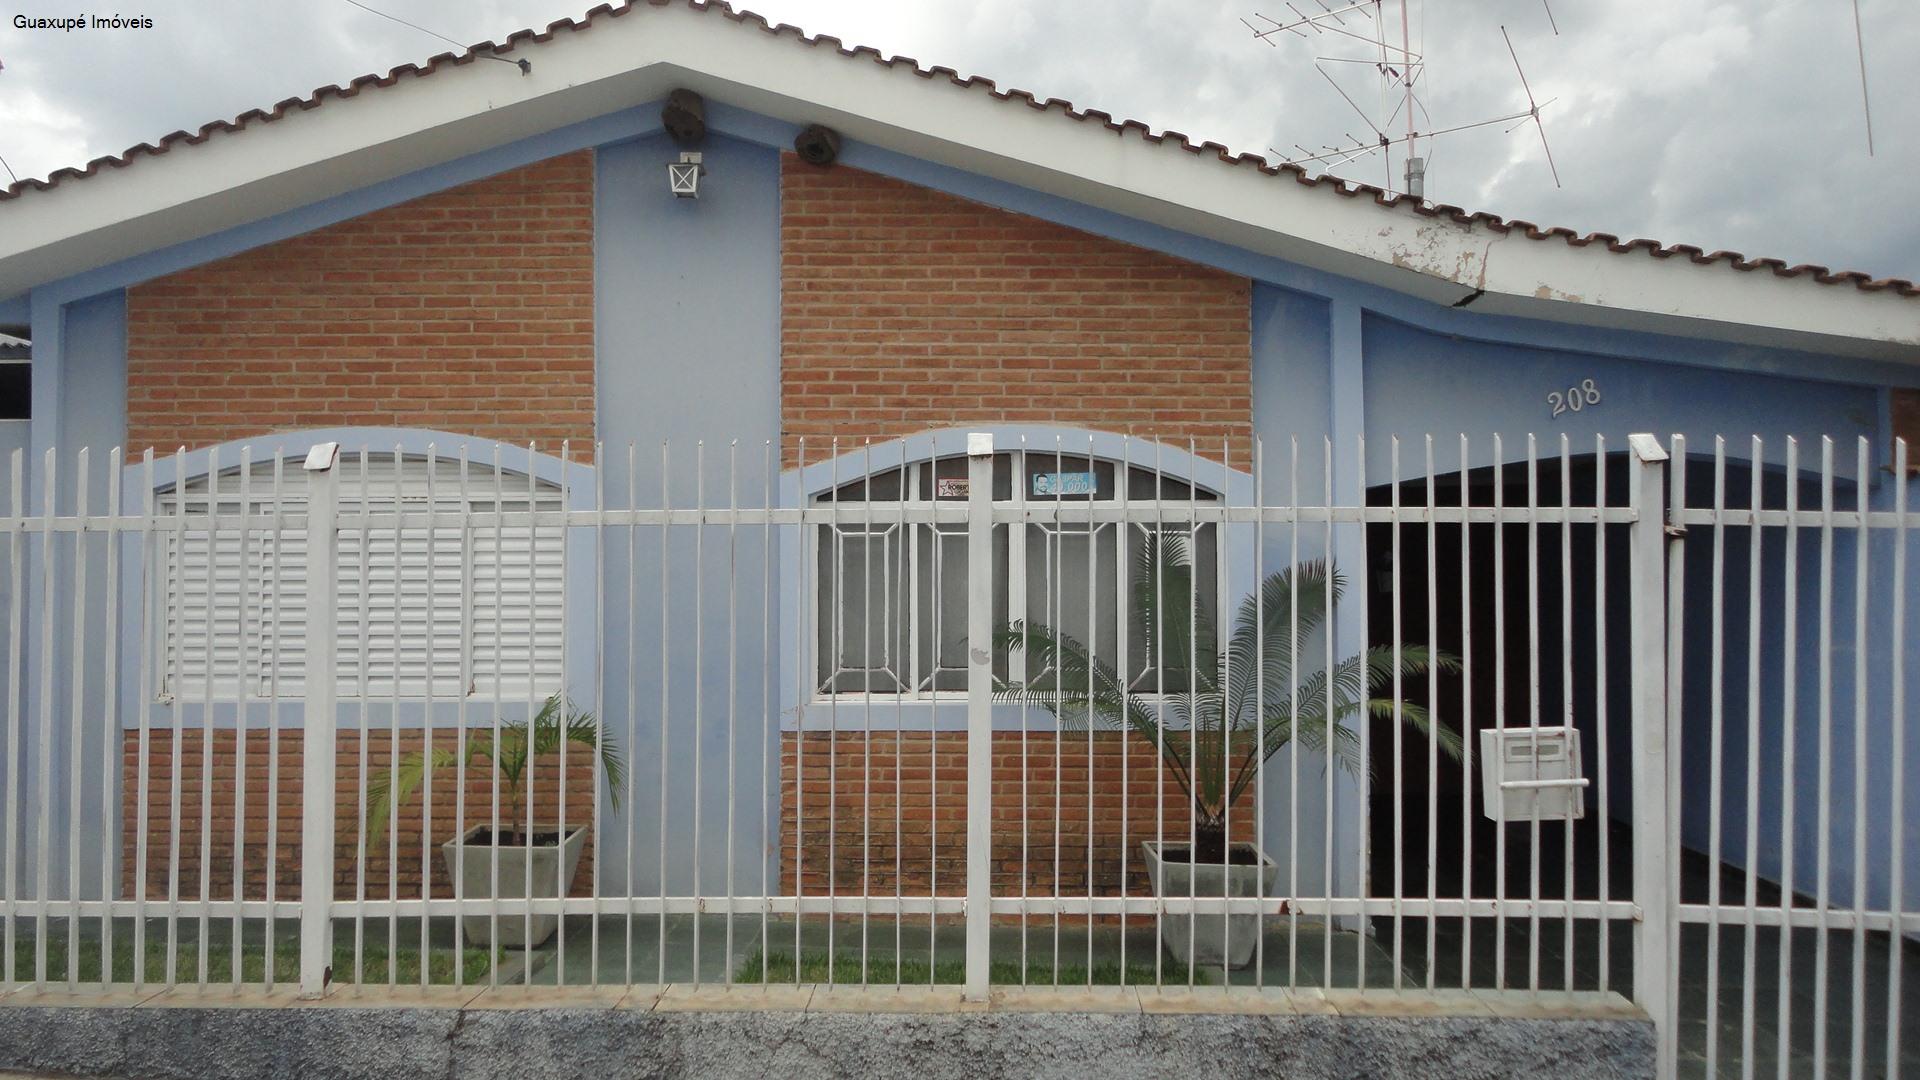 comprar ou alugar casa no bairro parque dos municípios i na cidade de guaxupé-mg